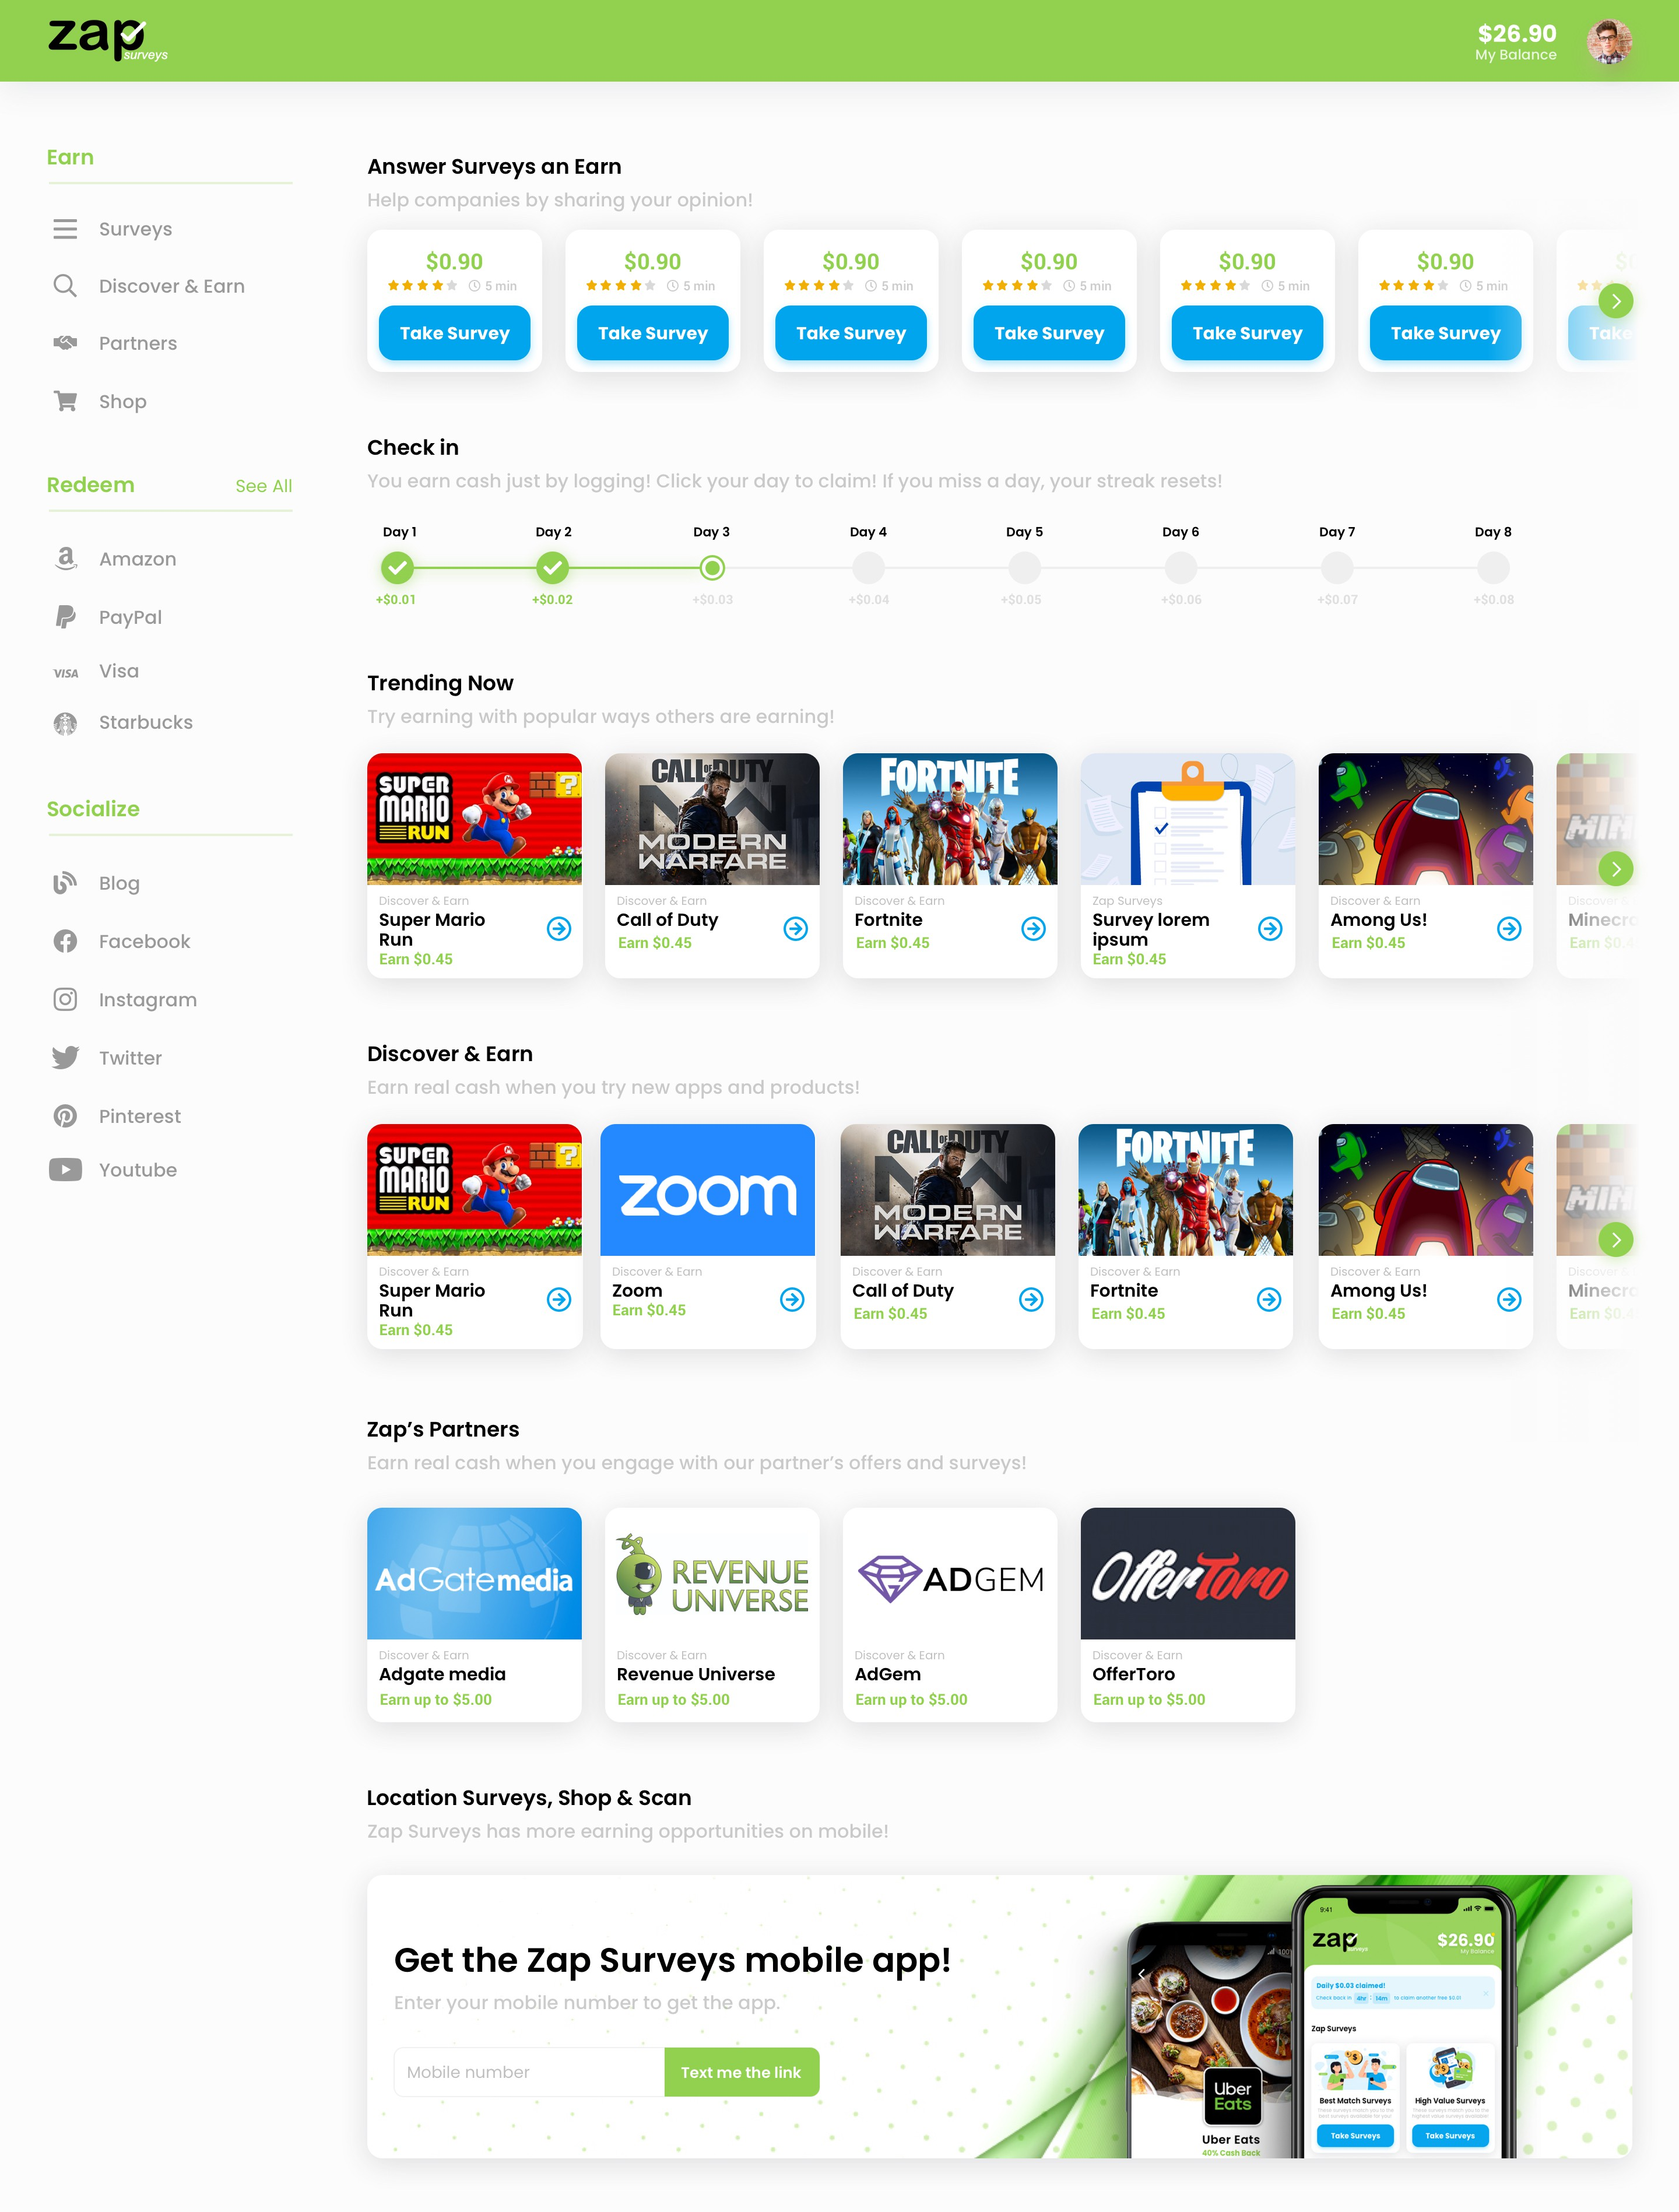 Mobile App --> Website (post-login)